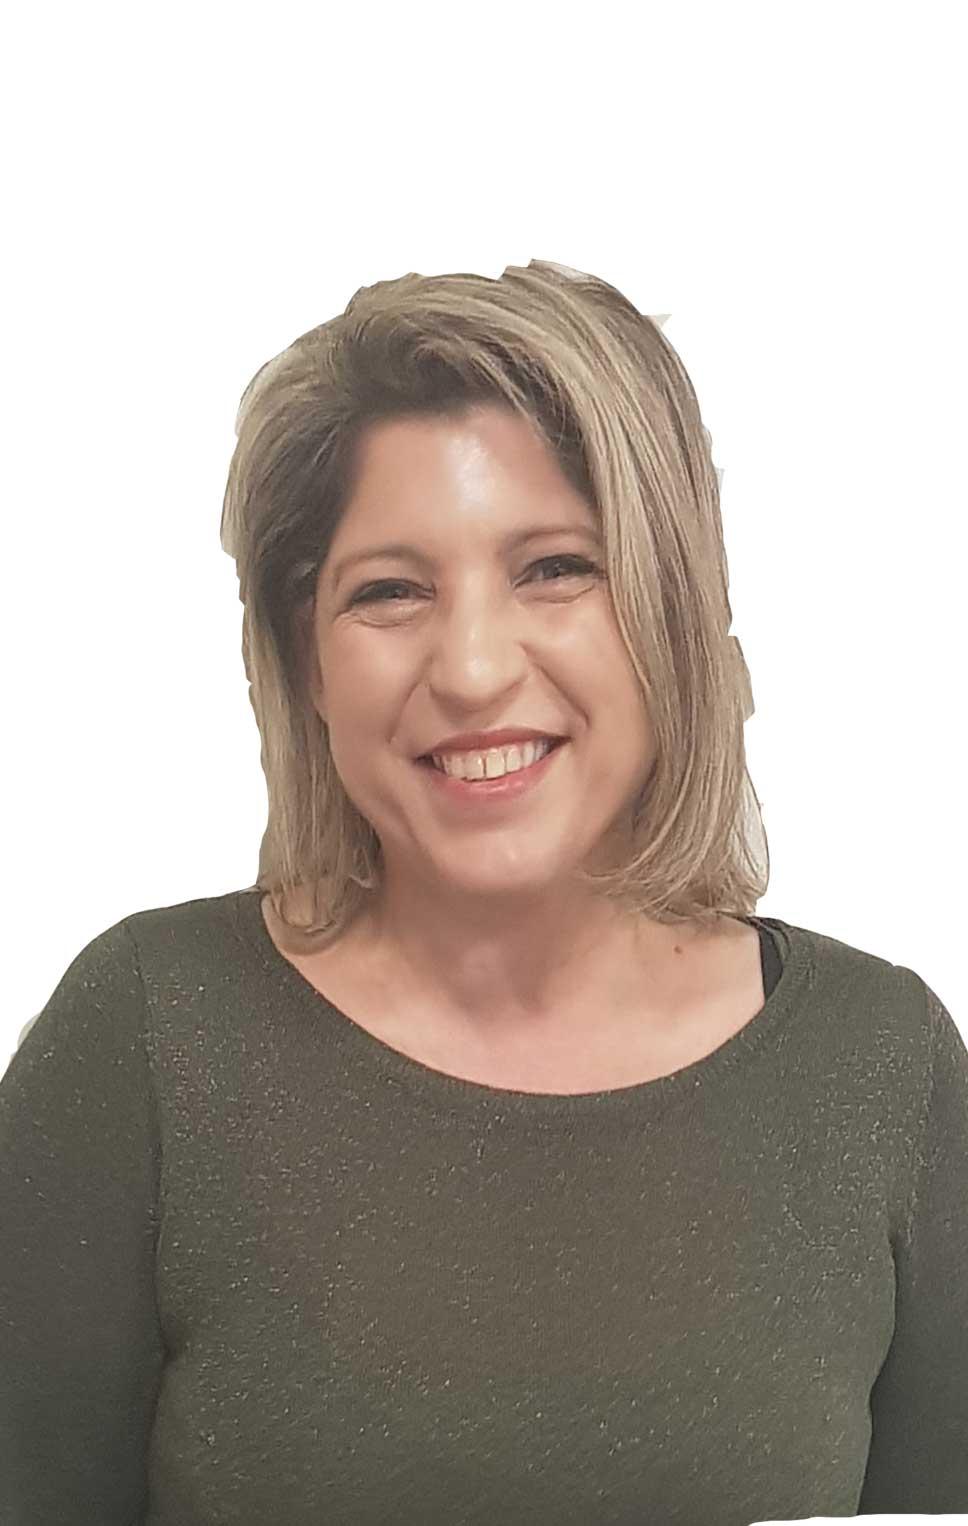 Guadalupe Muiño Méndez